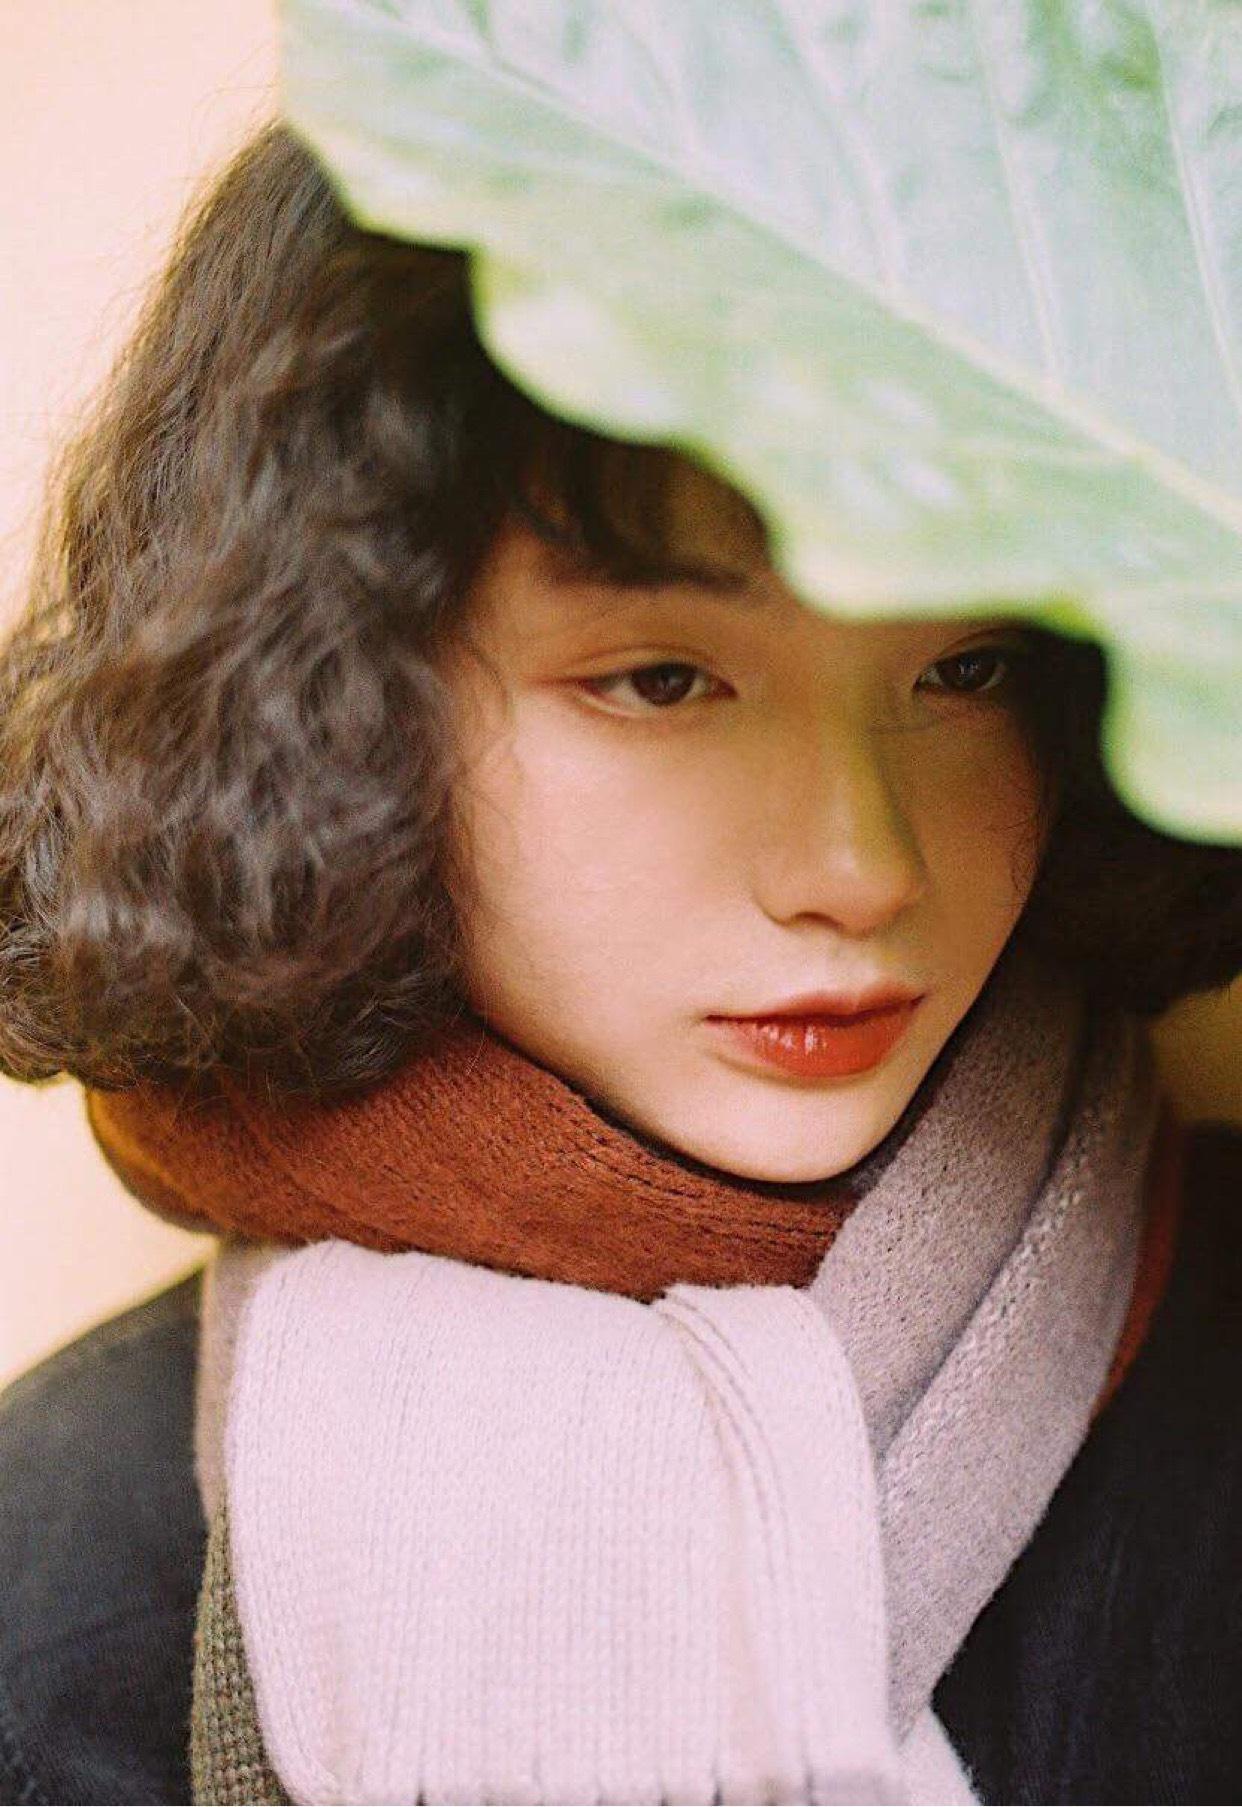 Cô gái Hà Thành đẹp lạ từ tên gọi đến nhan sắc ảnh 1